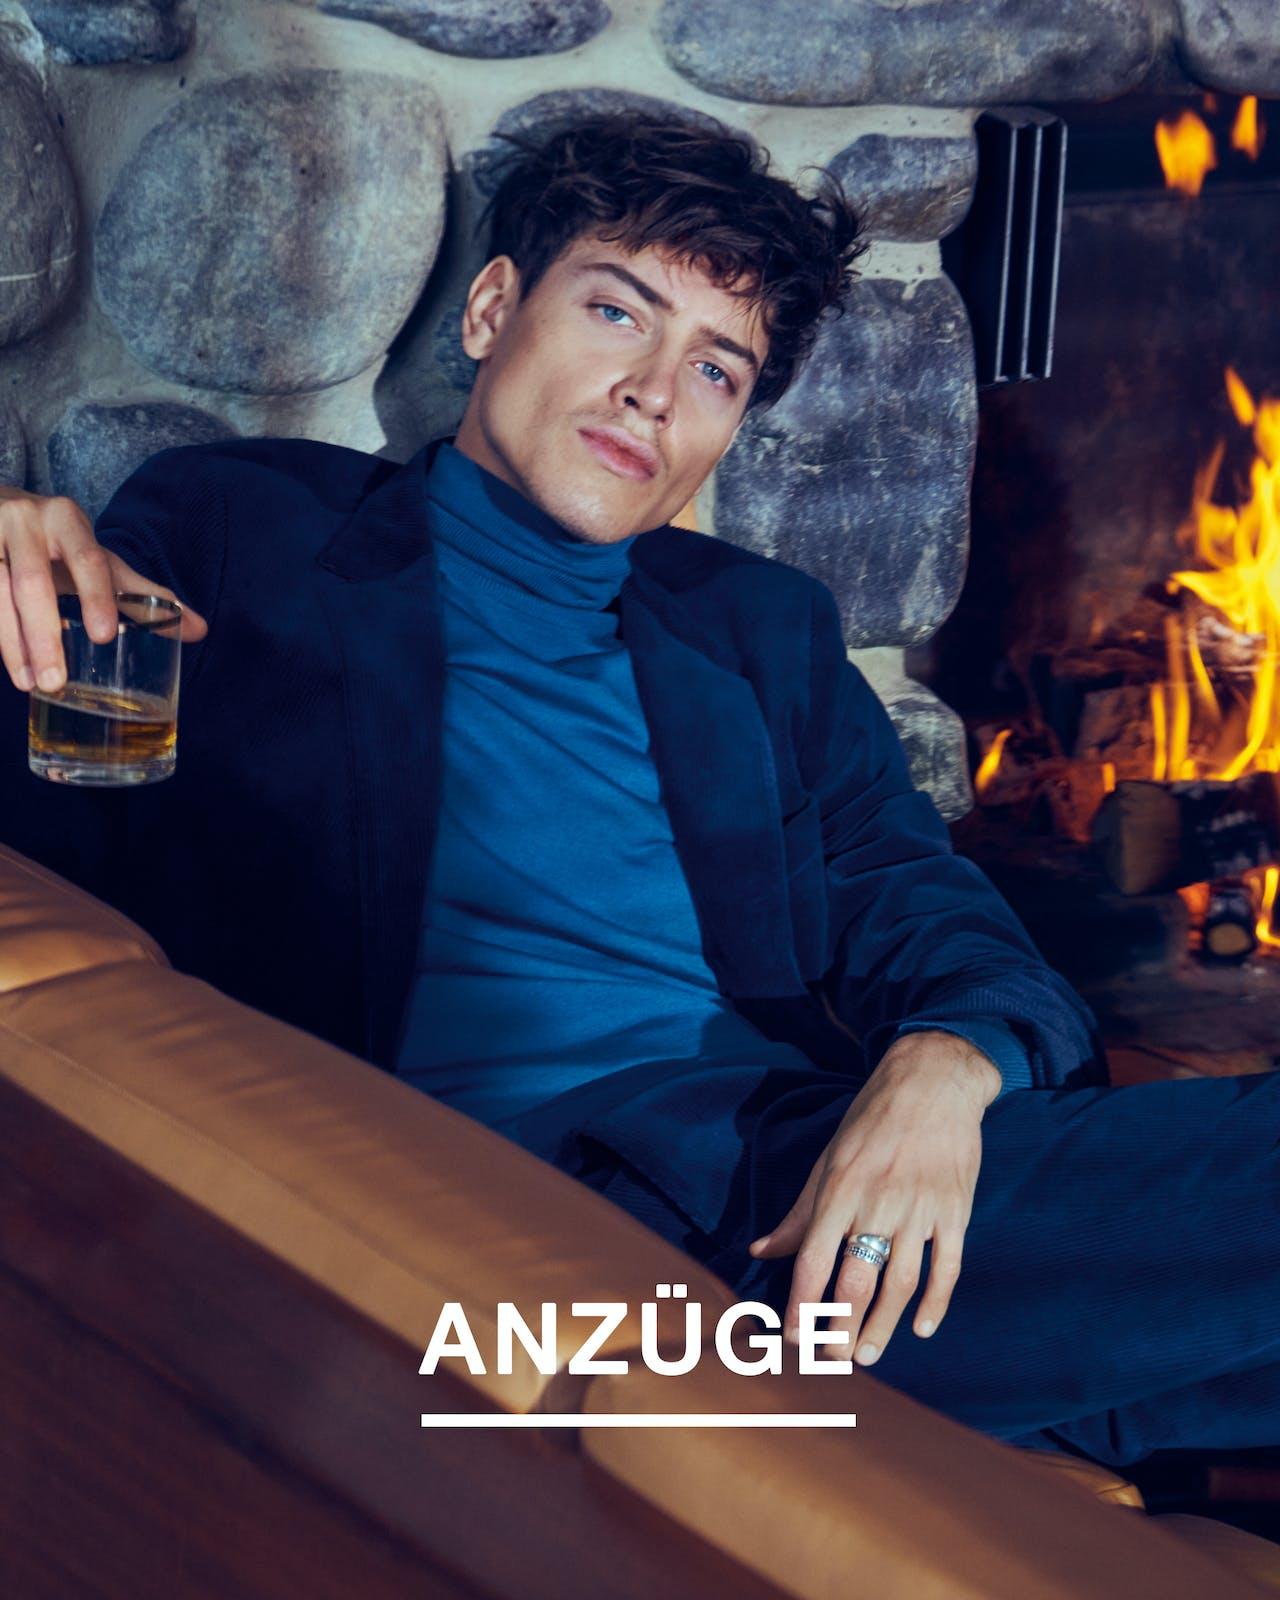 man-sit-suit-blue